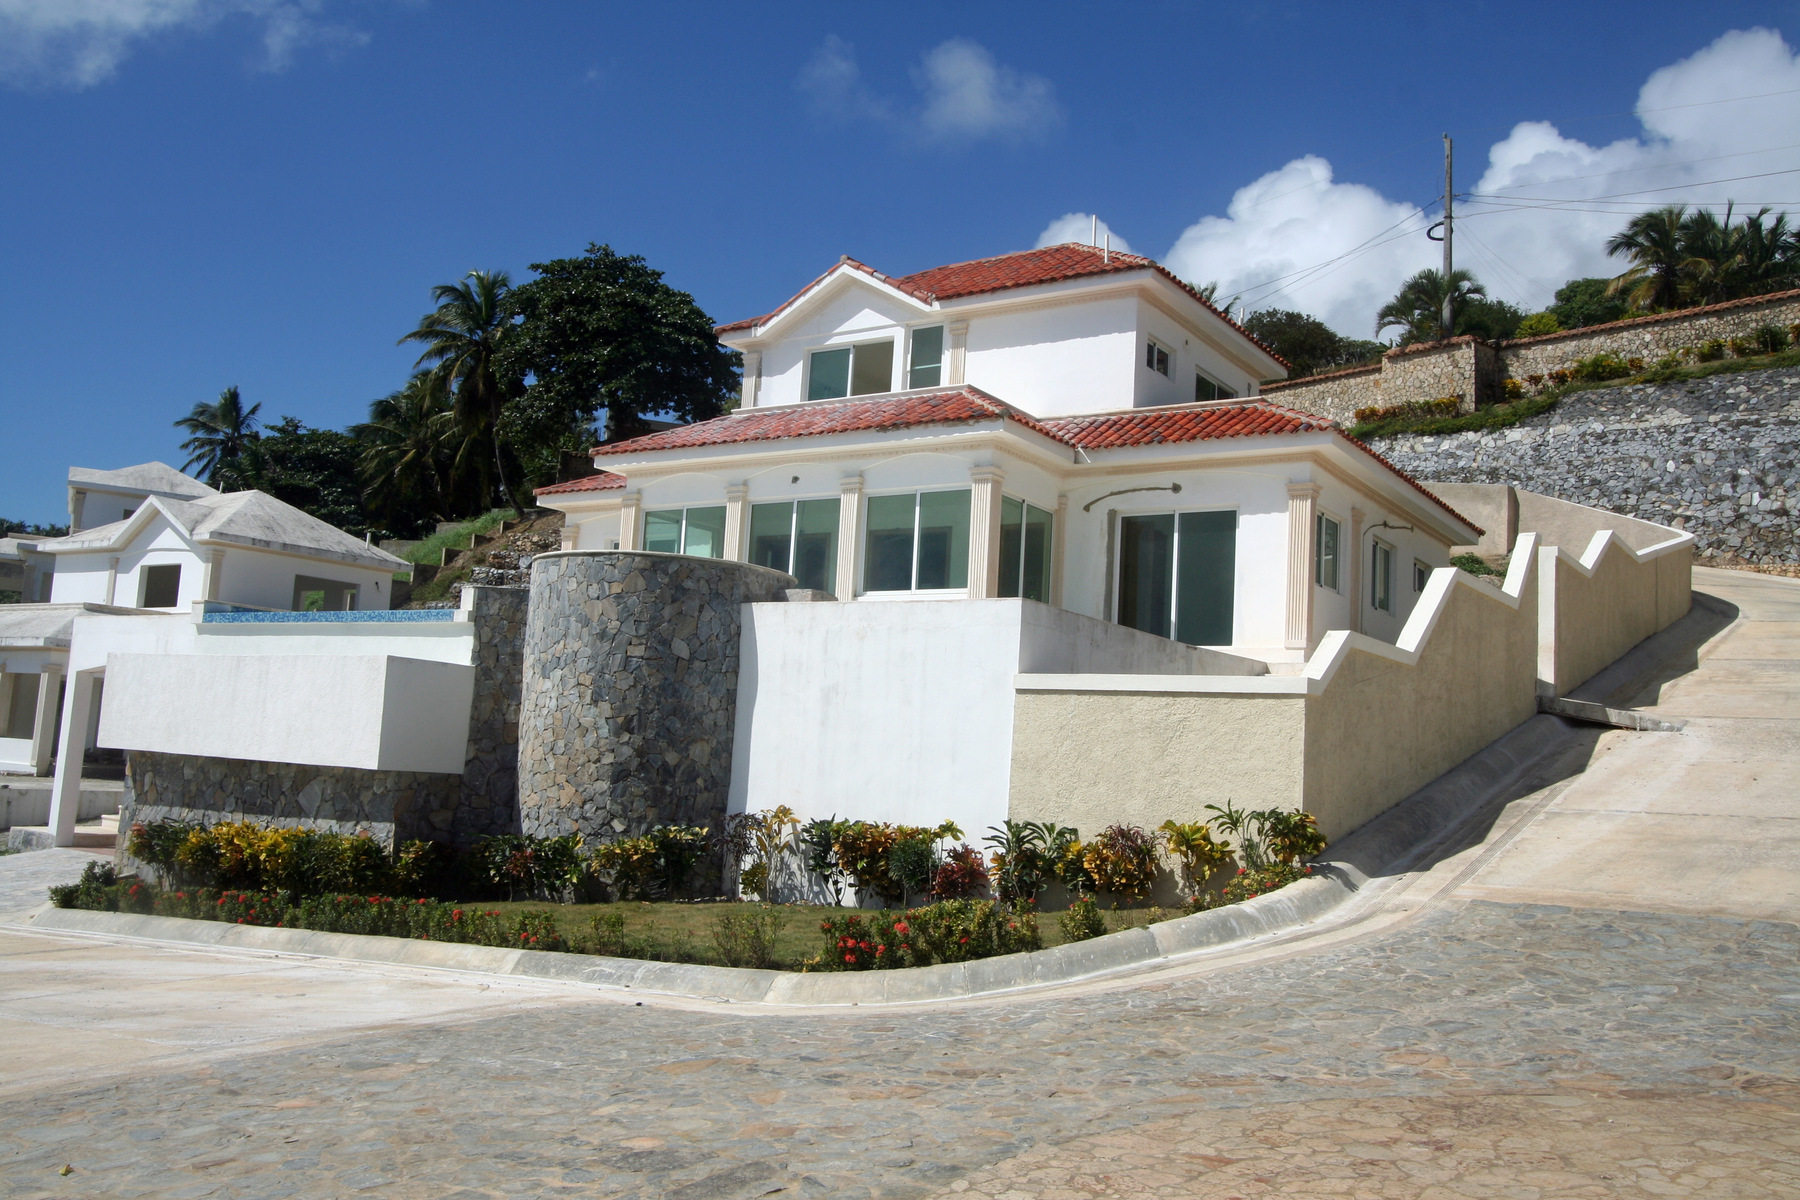 Casa Unifamiliar por un Venta en Samana Bay Residence 2 Samana Bay Residence, Samana, Samana, 32000 República Dominicana